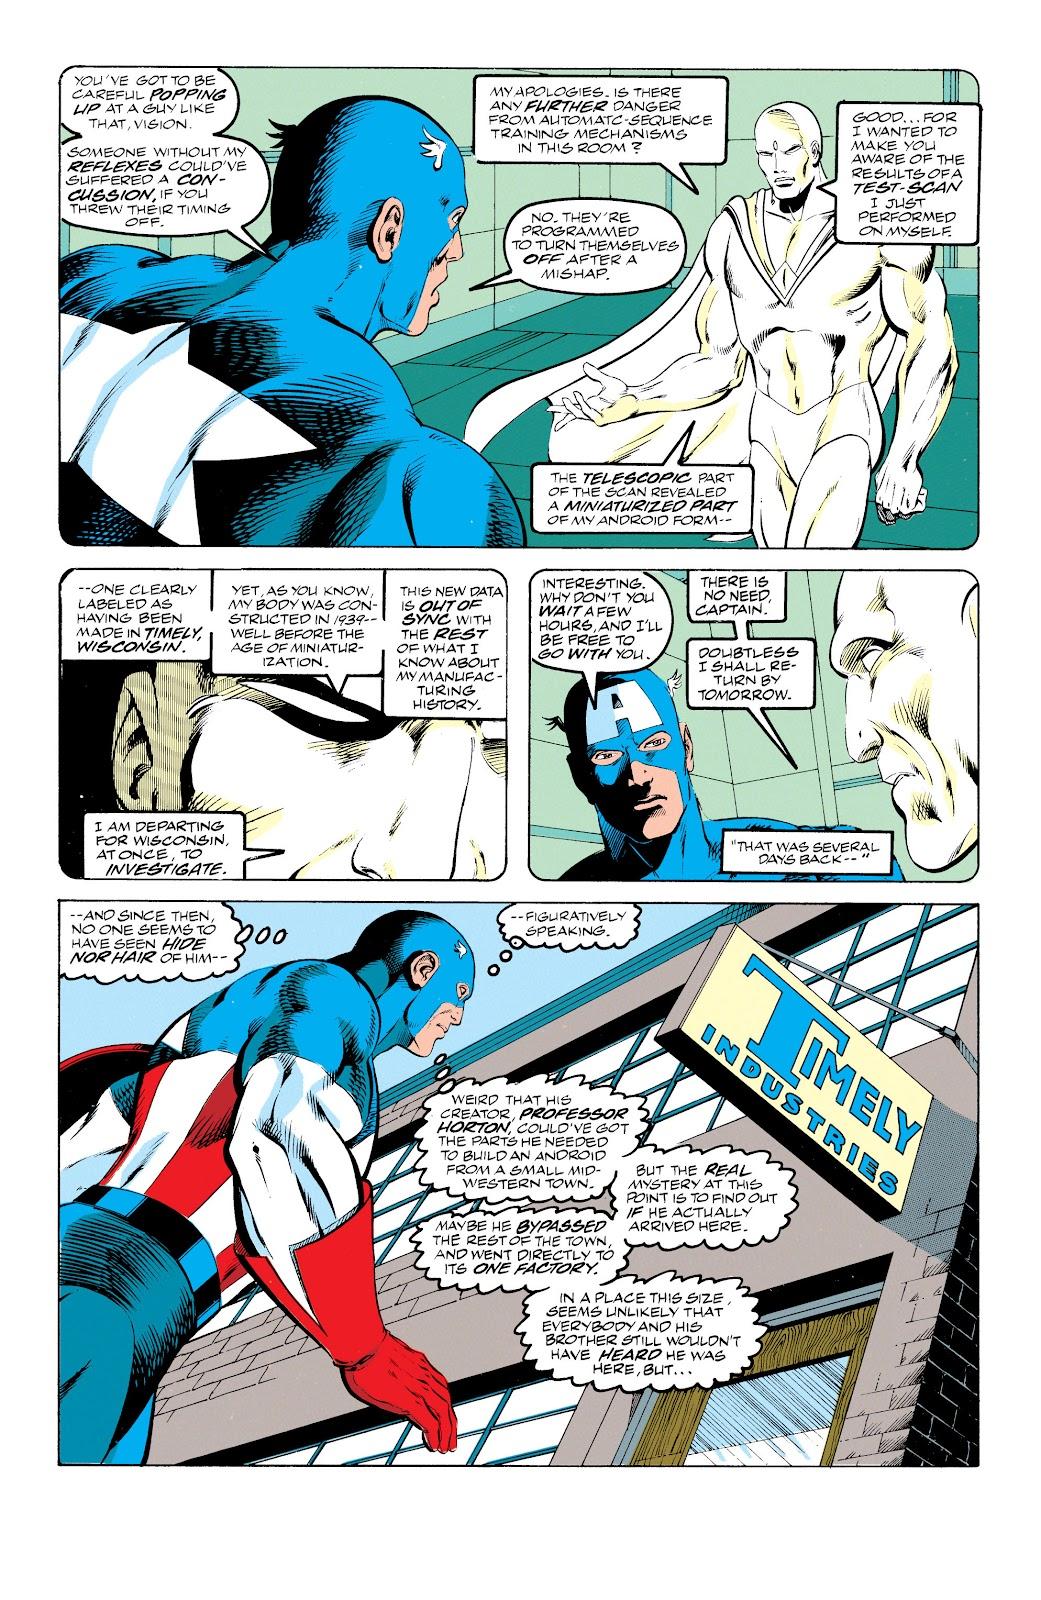 Read online Avengers: Citizen Kang comic -  Issue # TPB (Part 1) - 9